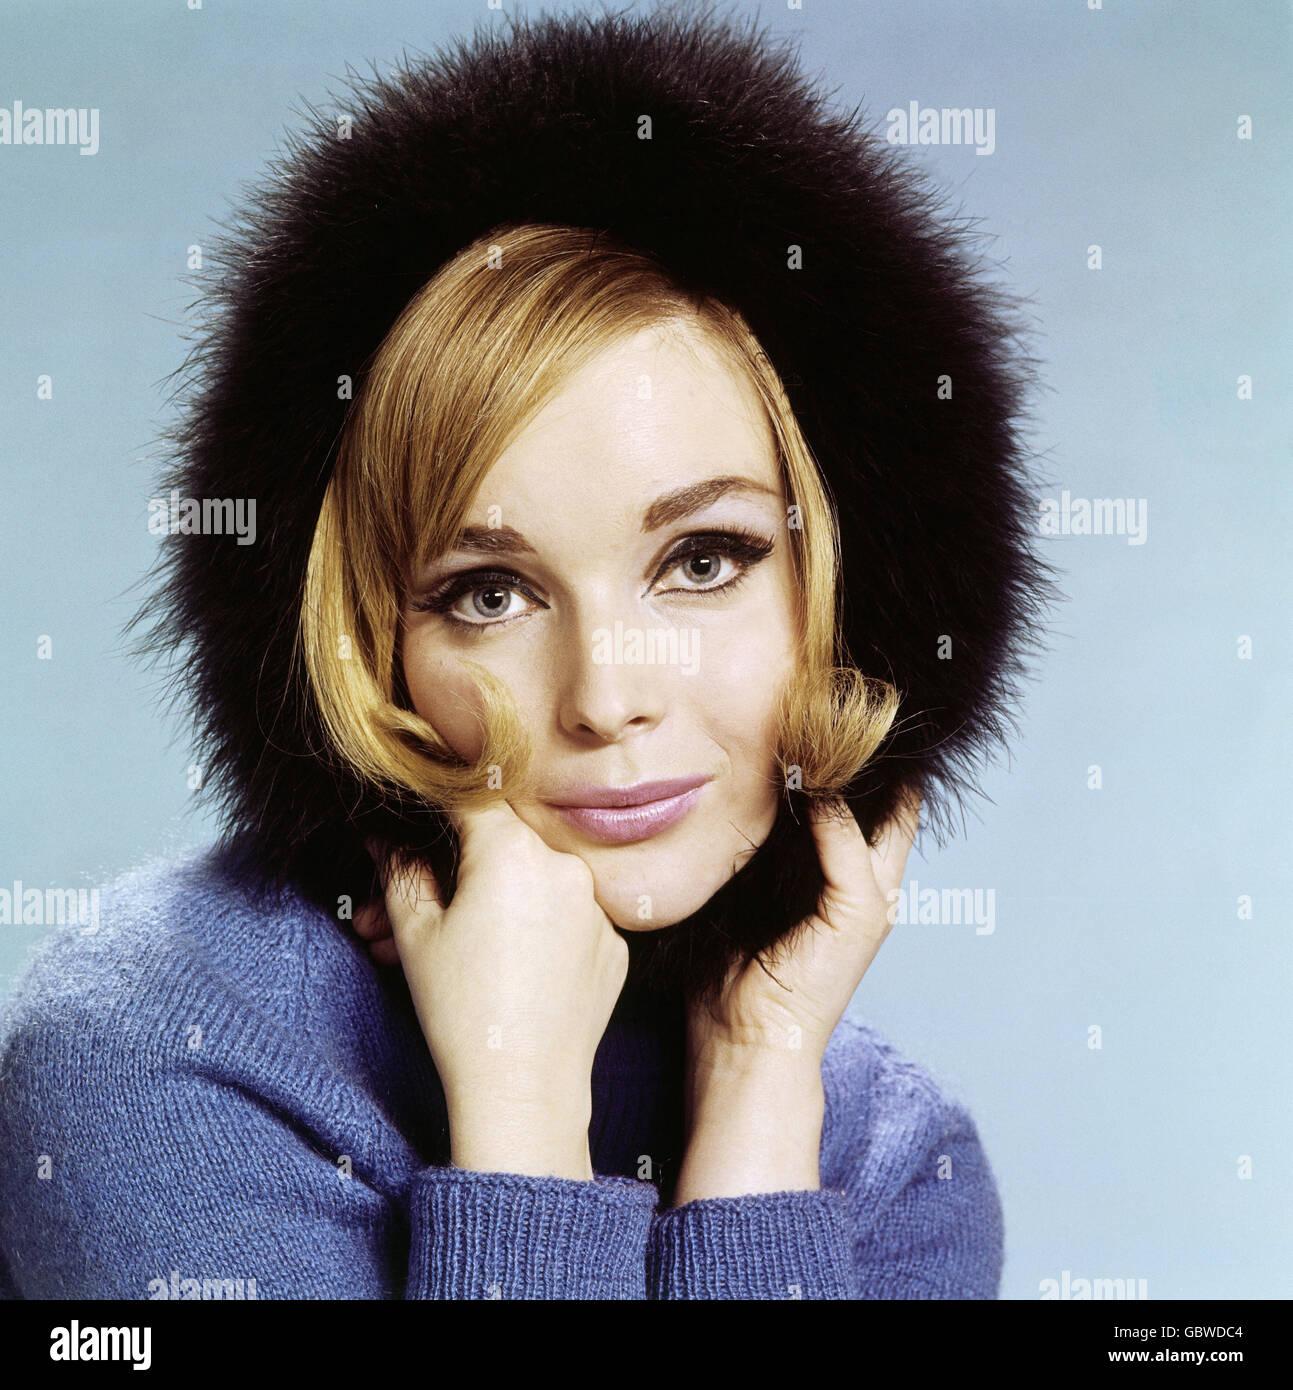 La mode, les années 60, accessoires, casquettes, femme portant bonnet de fourrure, Additional-Rights-Clearences Photo Stock